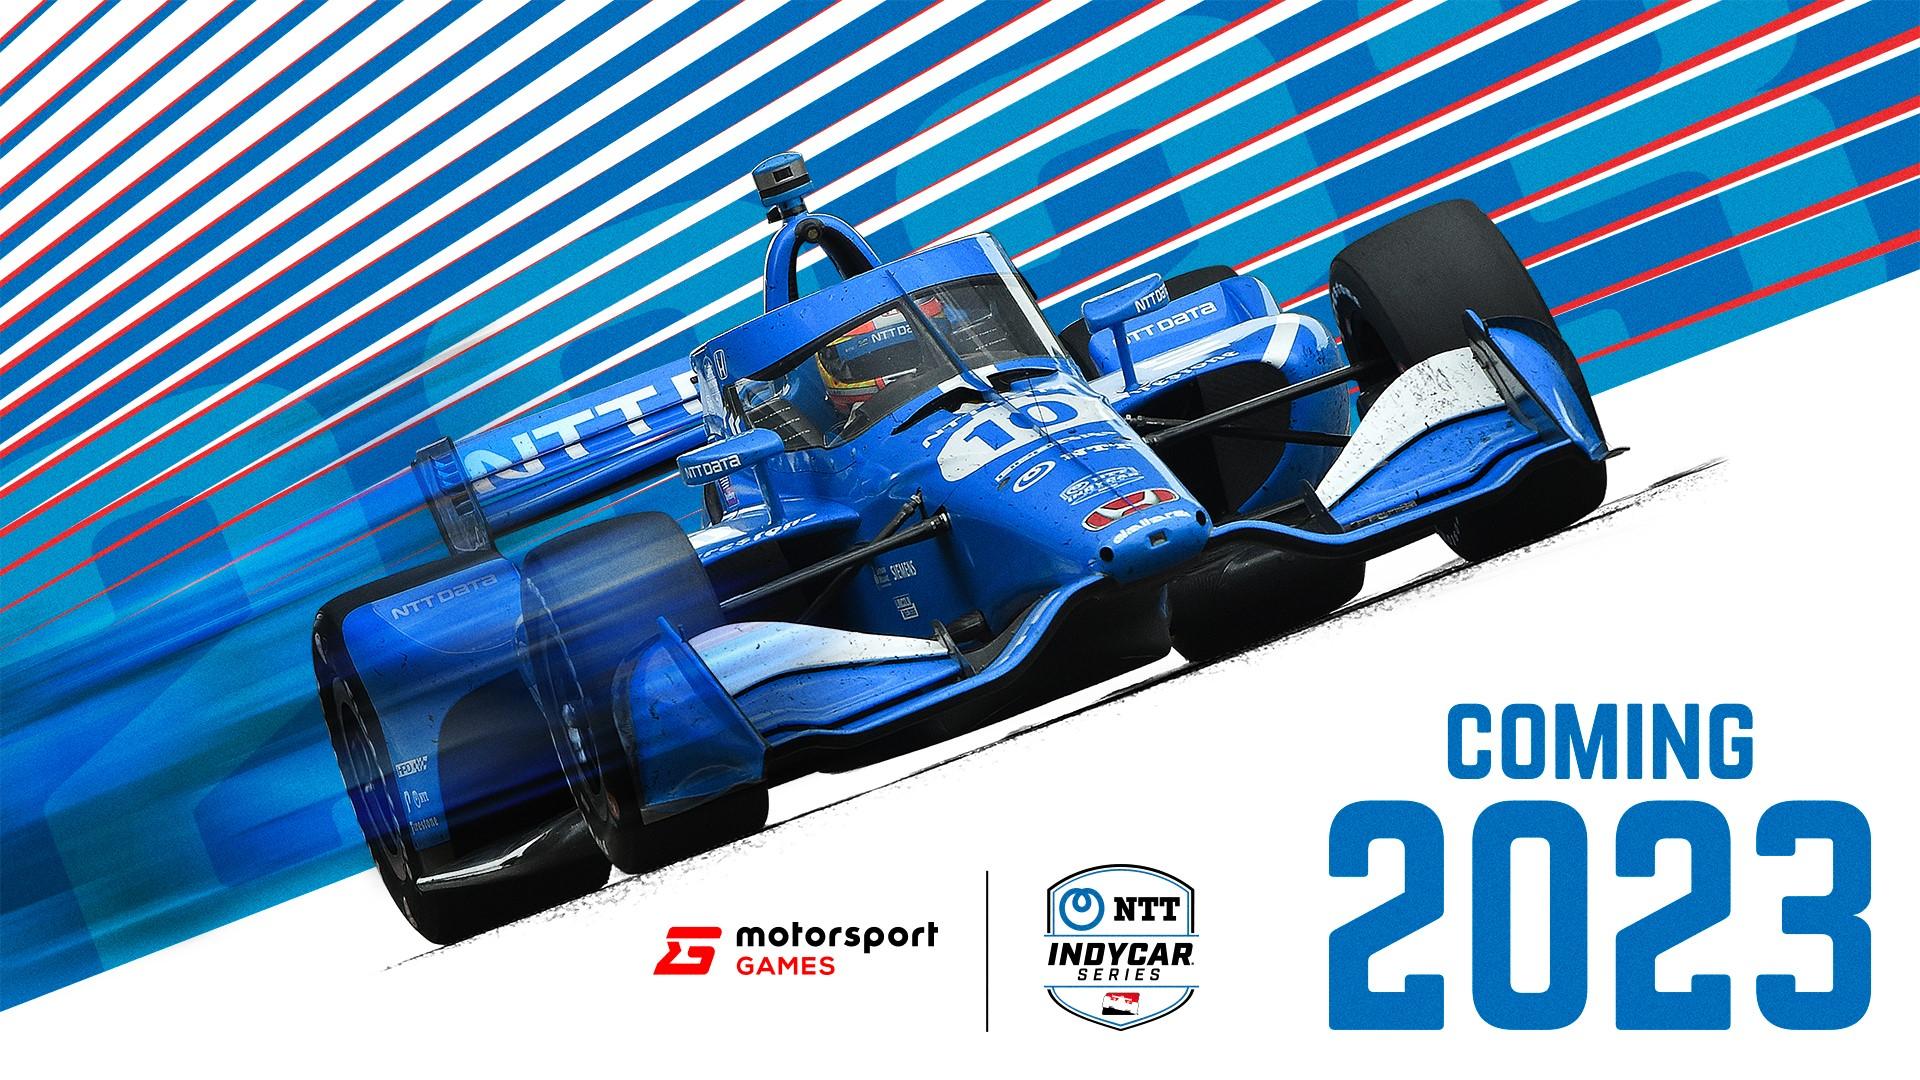 Motorsport Games & INDYCAR